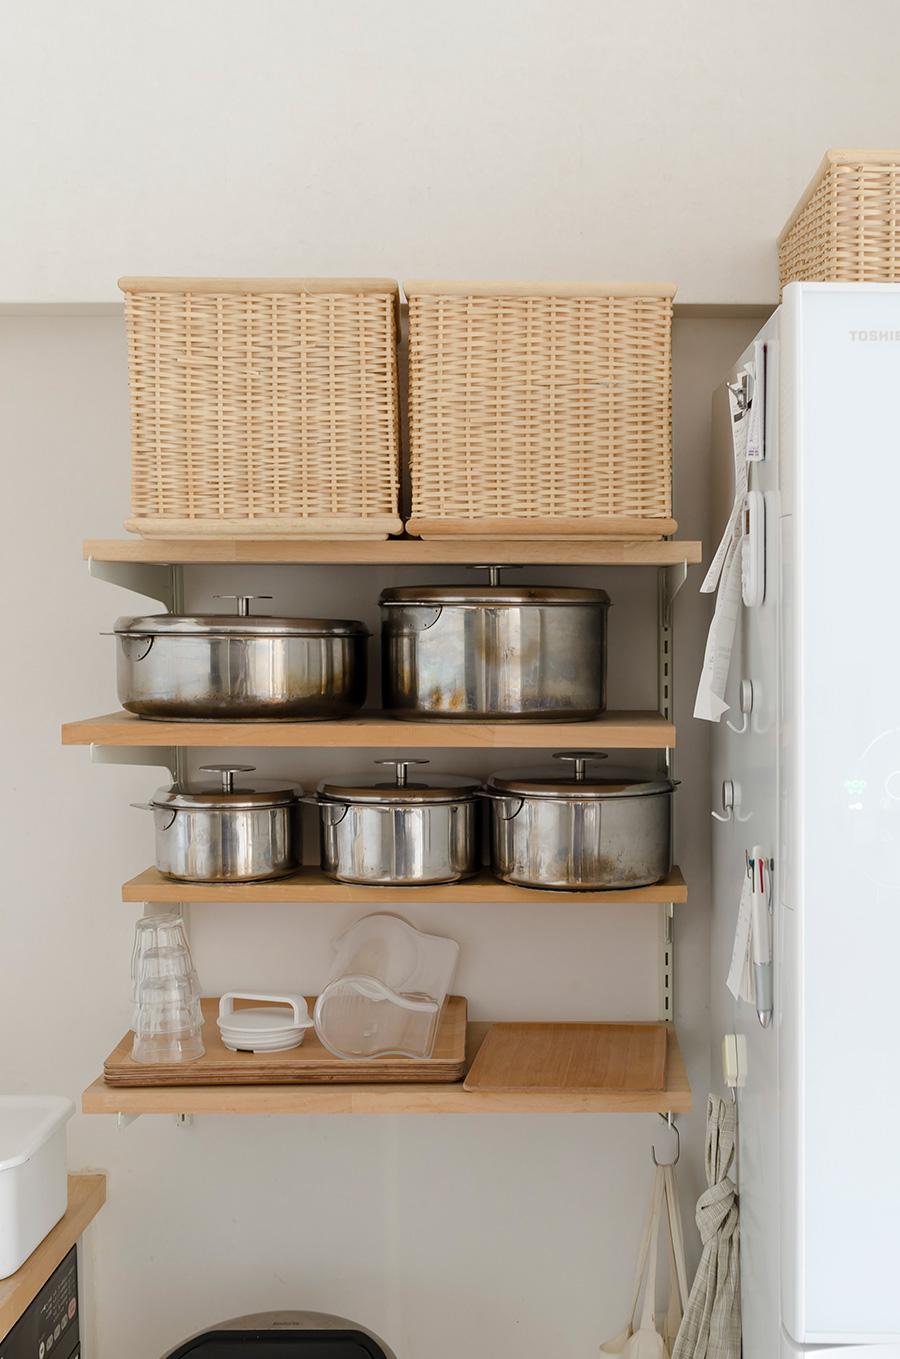 可動式の棚に愛用のお鍋を陳列。機能的なだけでなく使い込んだ味わいも。